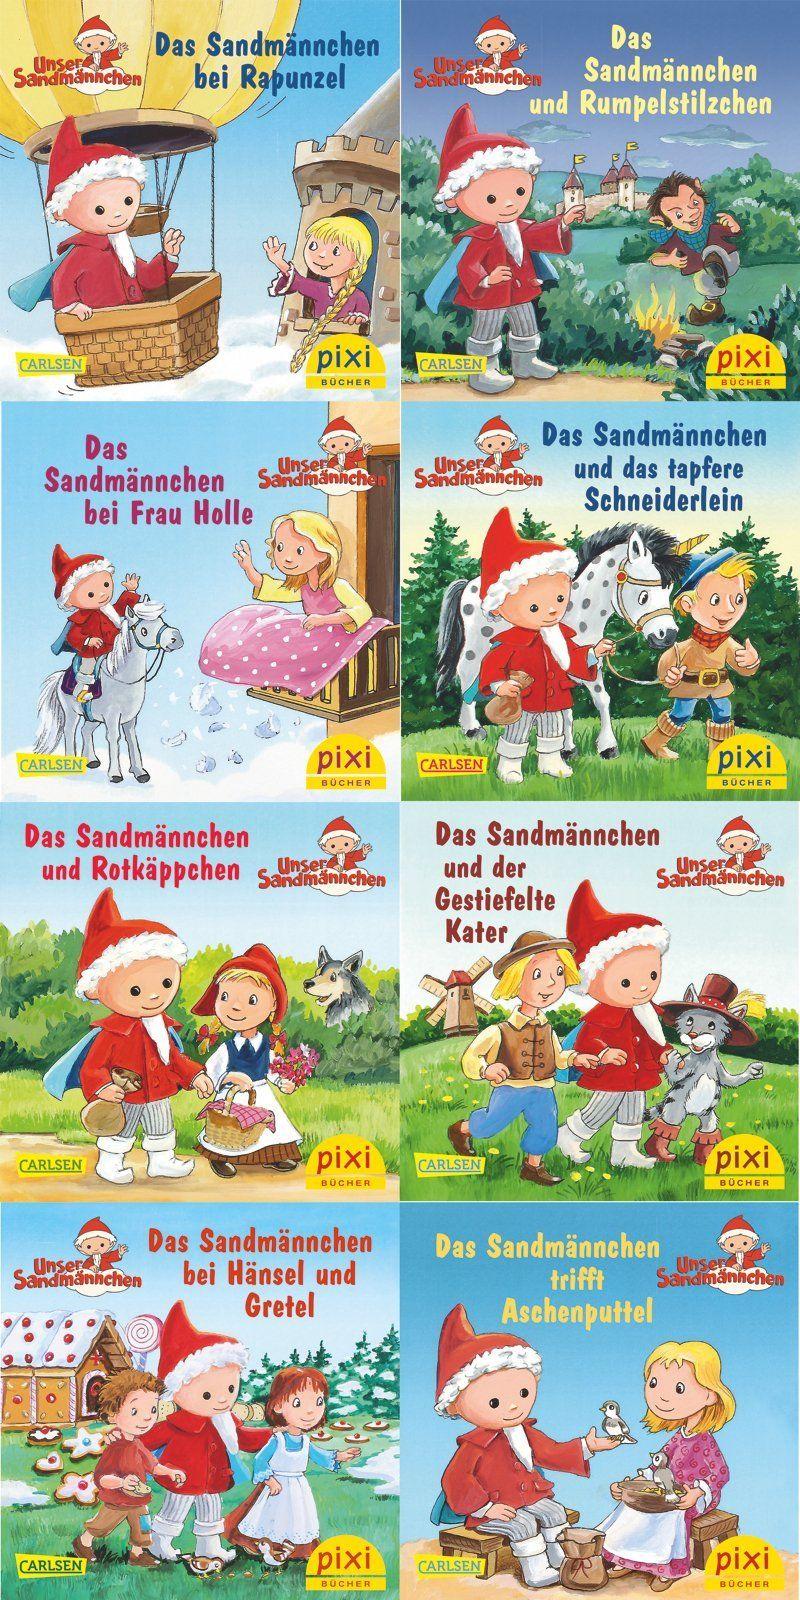 Pixi Bücher Das Sandmännchen im Märchenwald Serie 230 + BONUS